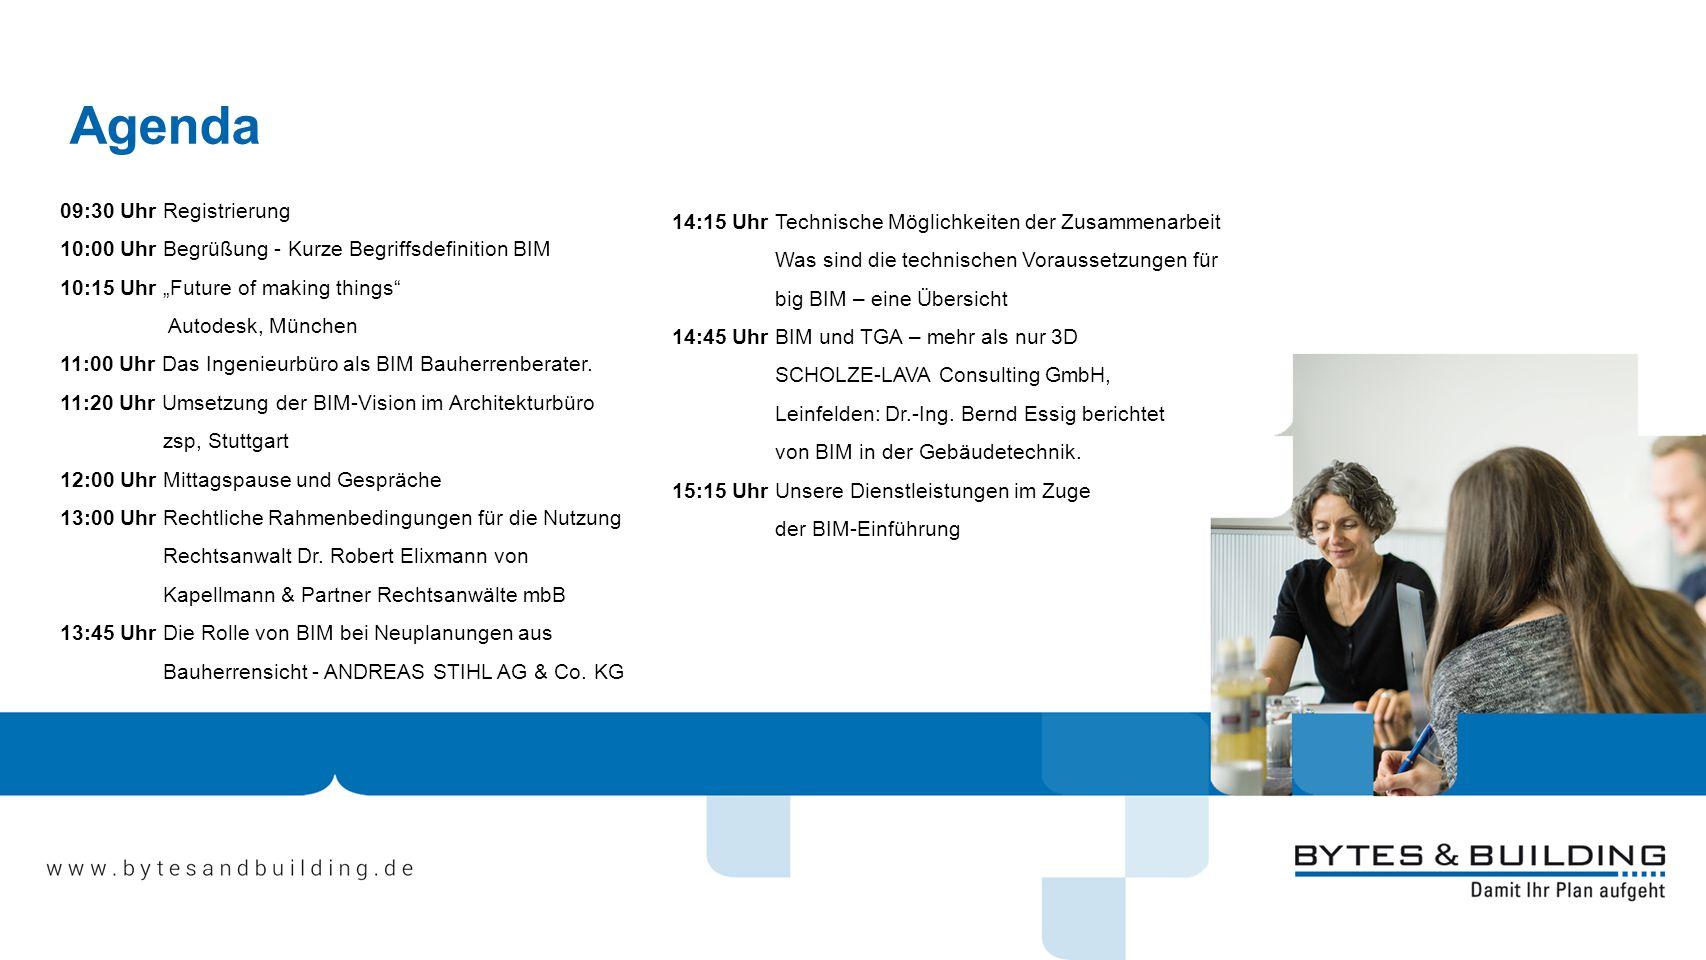 Agenda 09:30 Uhr Registrierung